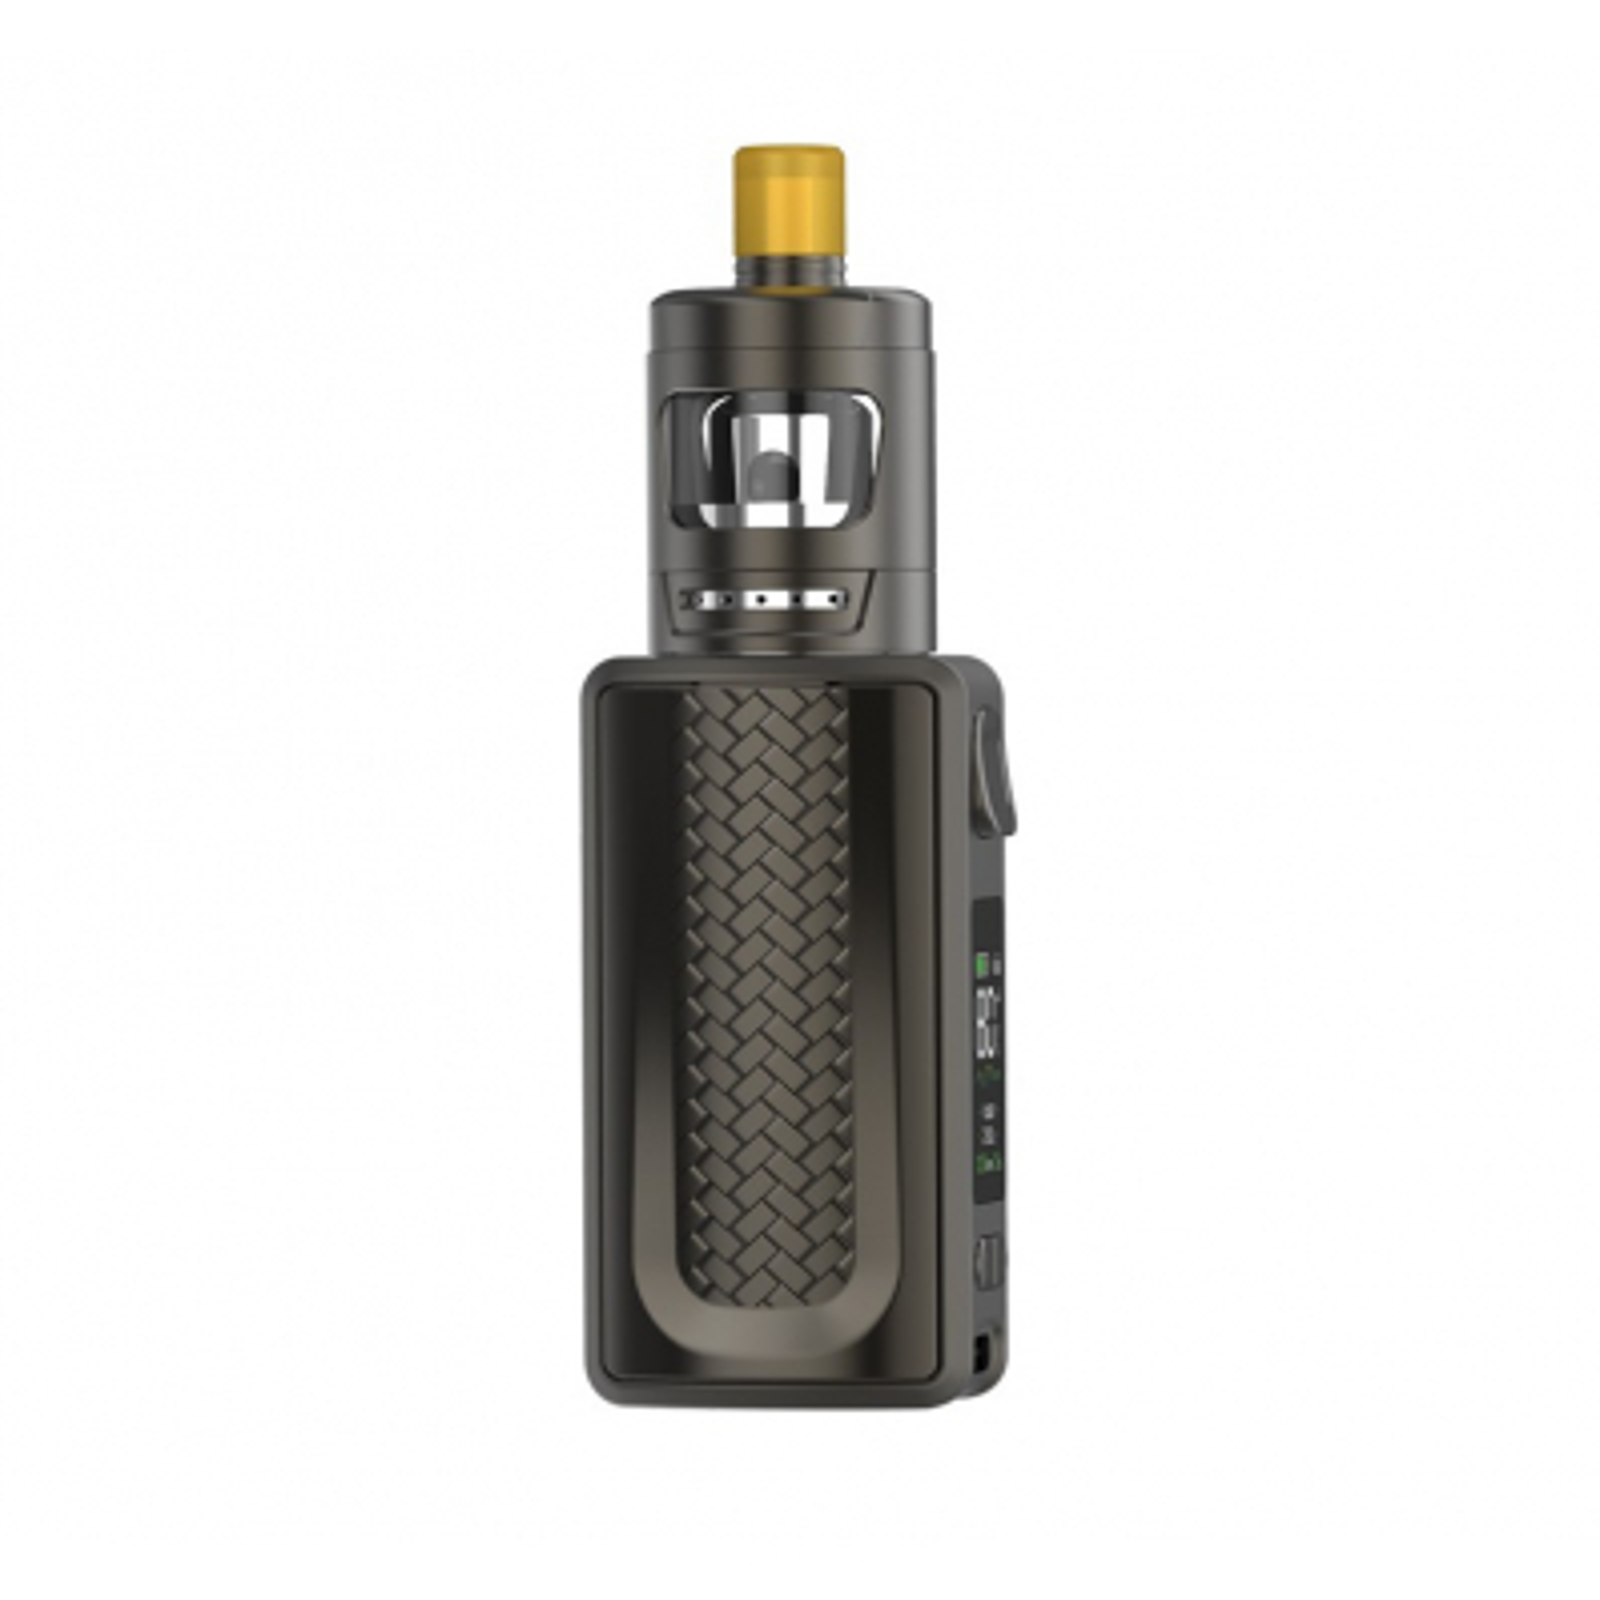 Kit iStick S80 - Eleaf